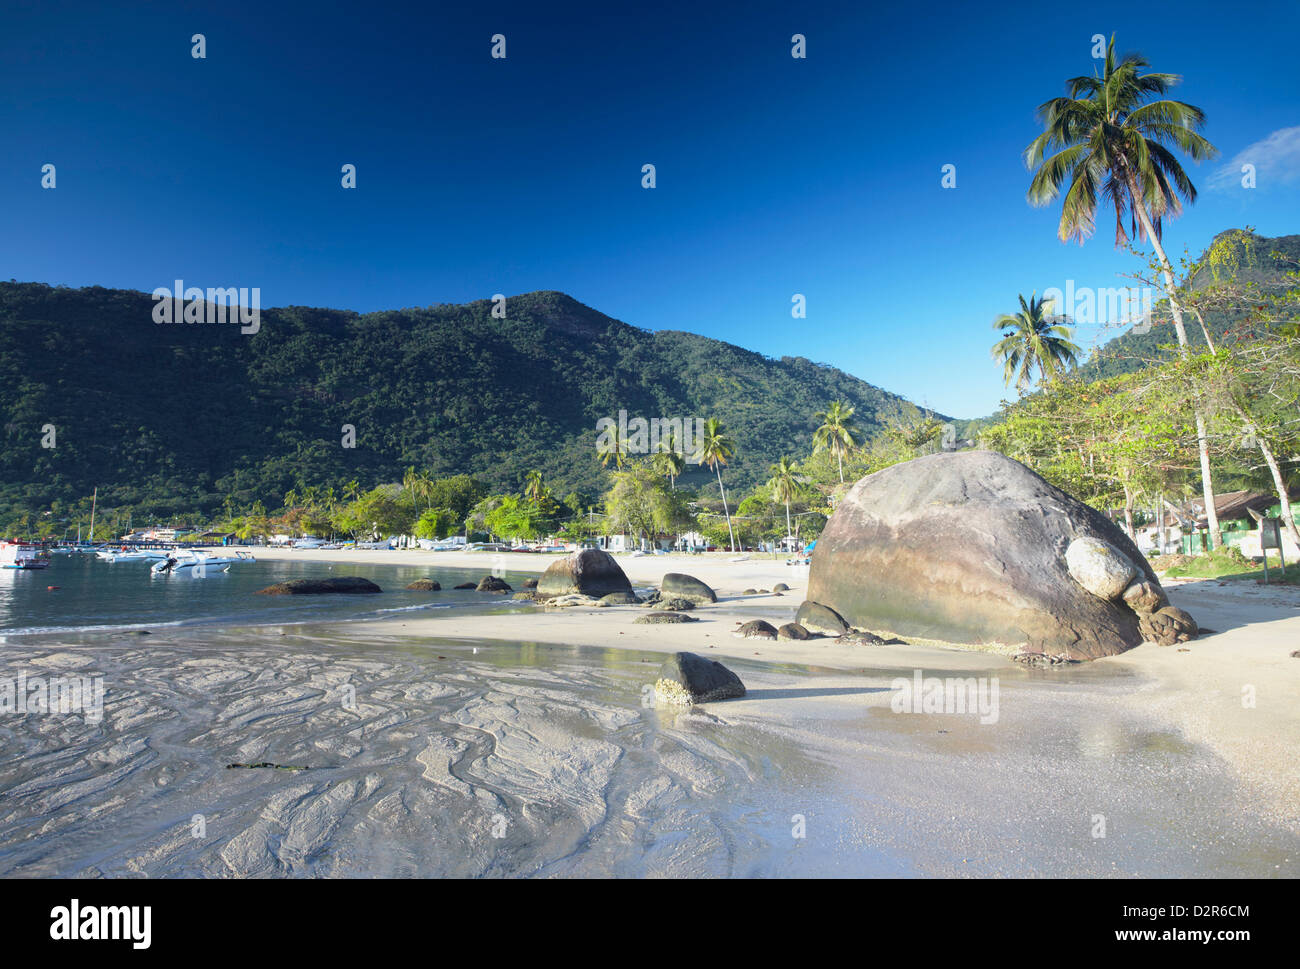 Vila do Abraao beach, Ilha Grande, Stato di Rio de Janeiro, Brasile, Sud America Immagini Stock